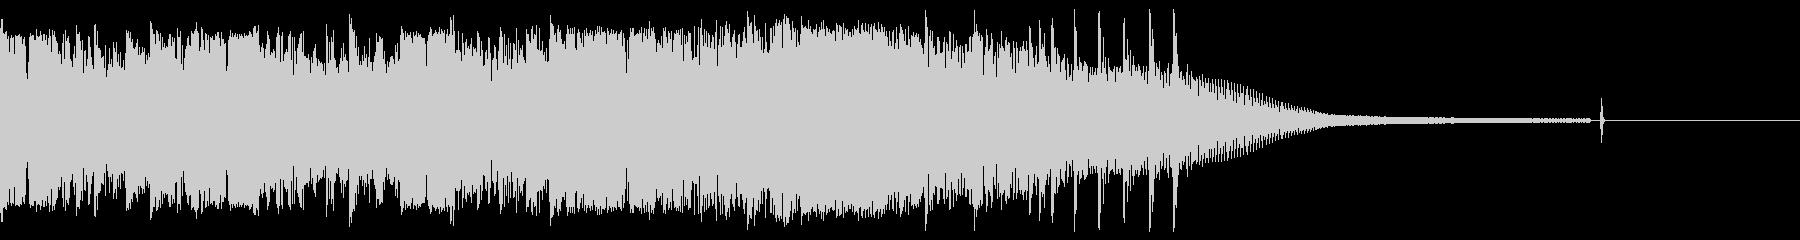 カントリー風ギターイントロ-01の未再生の波形